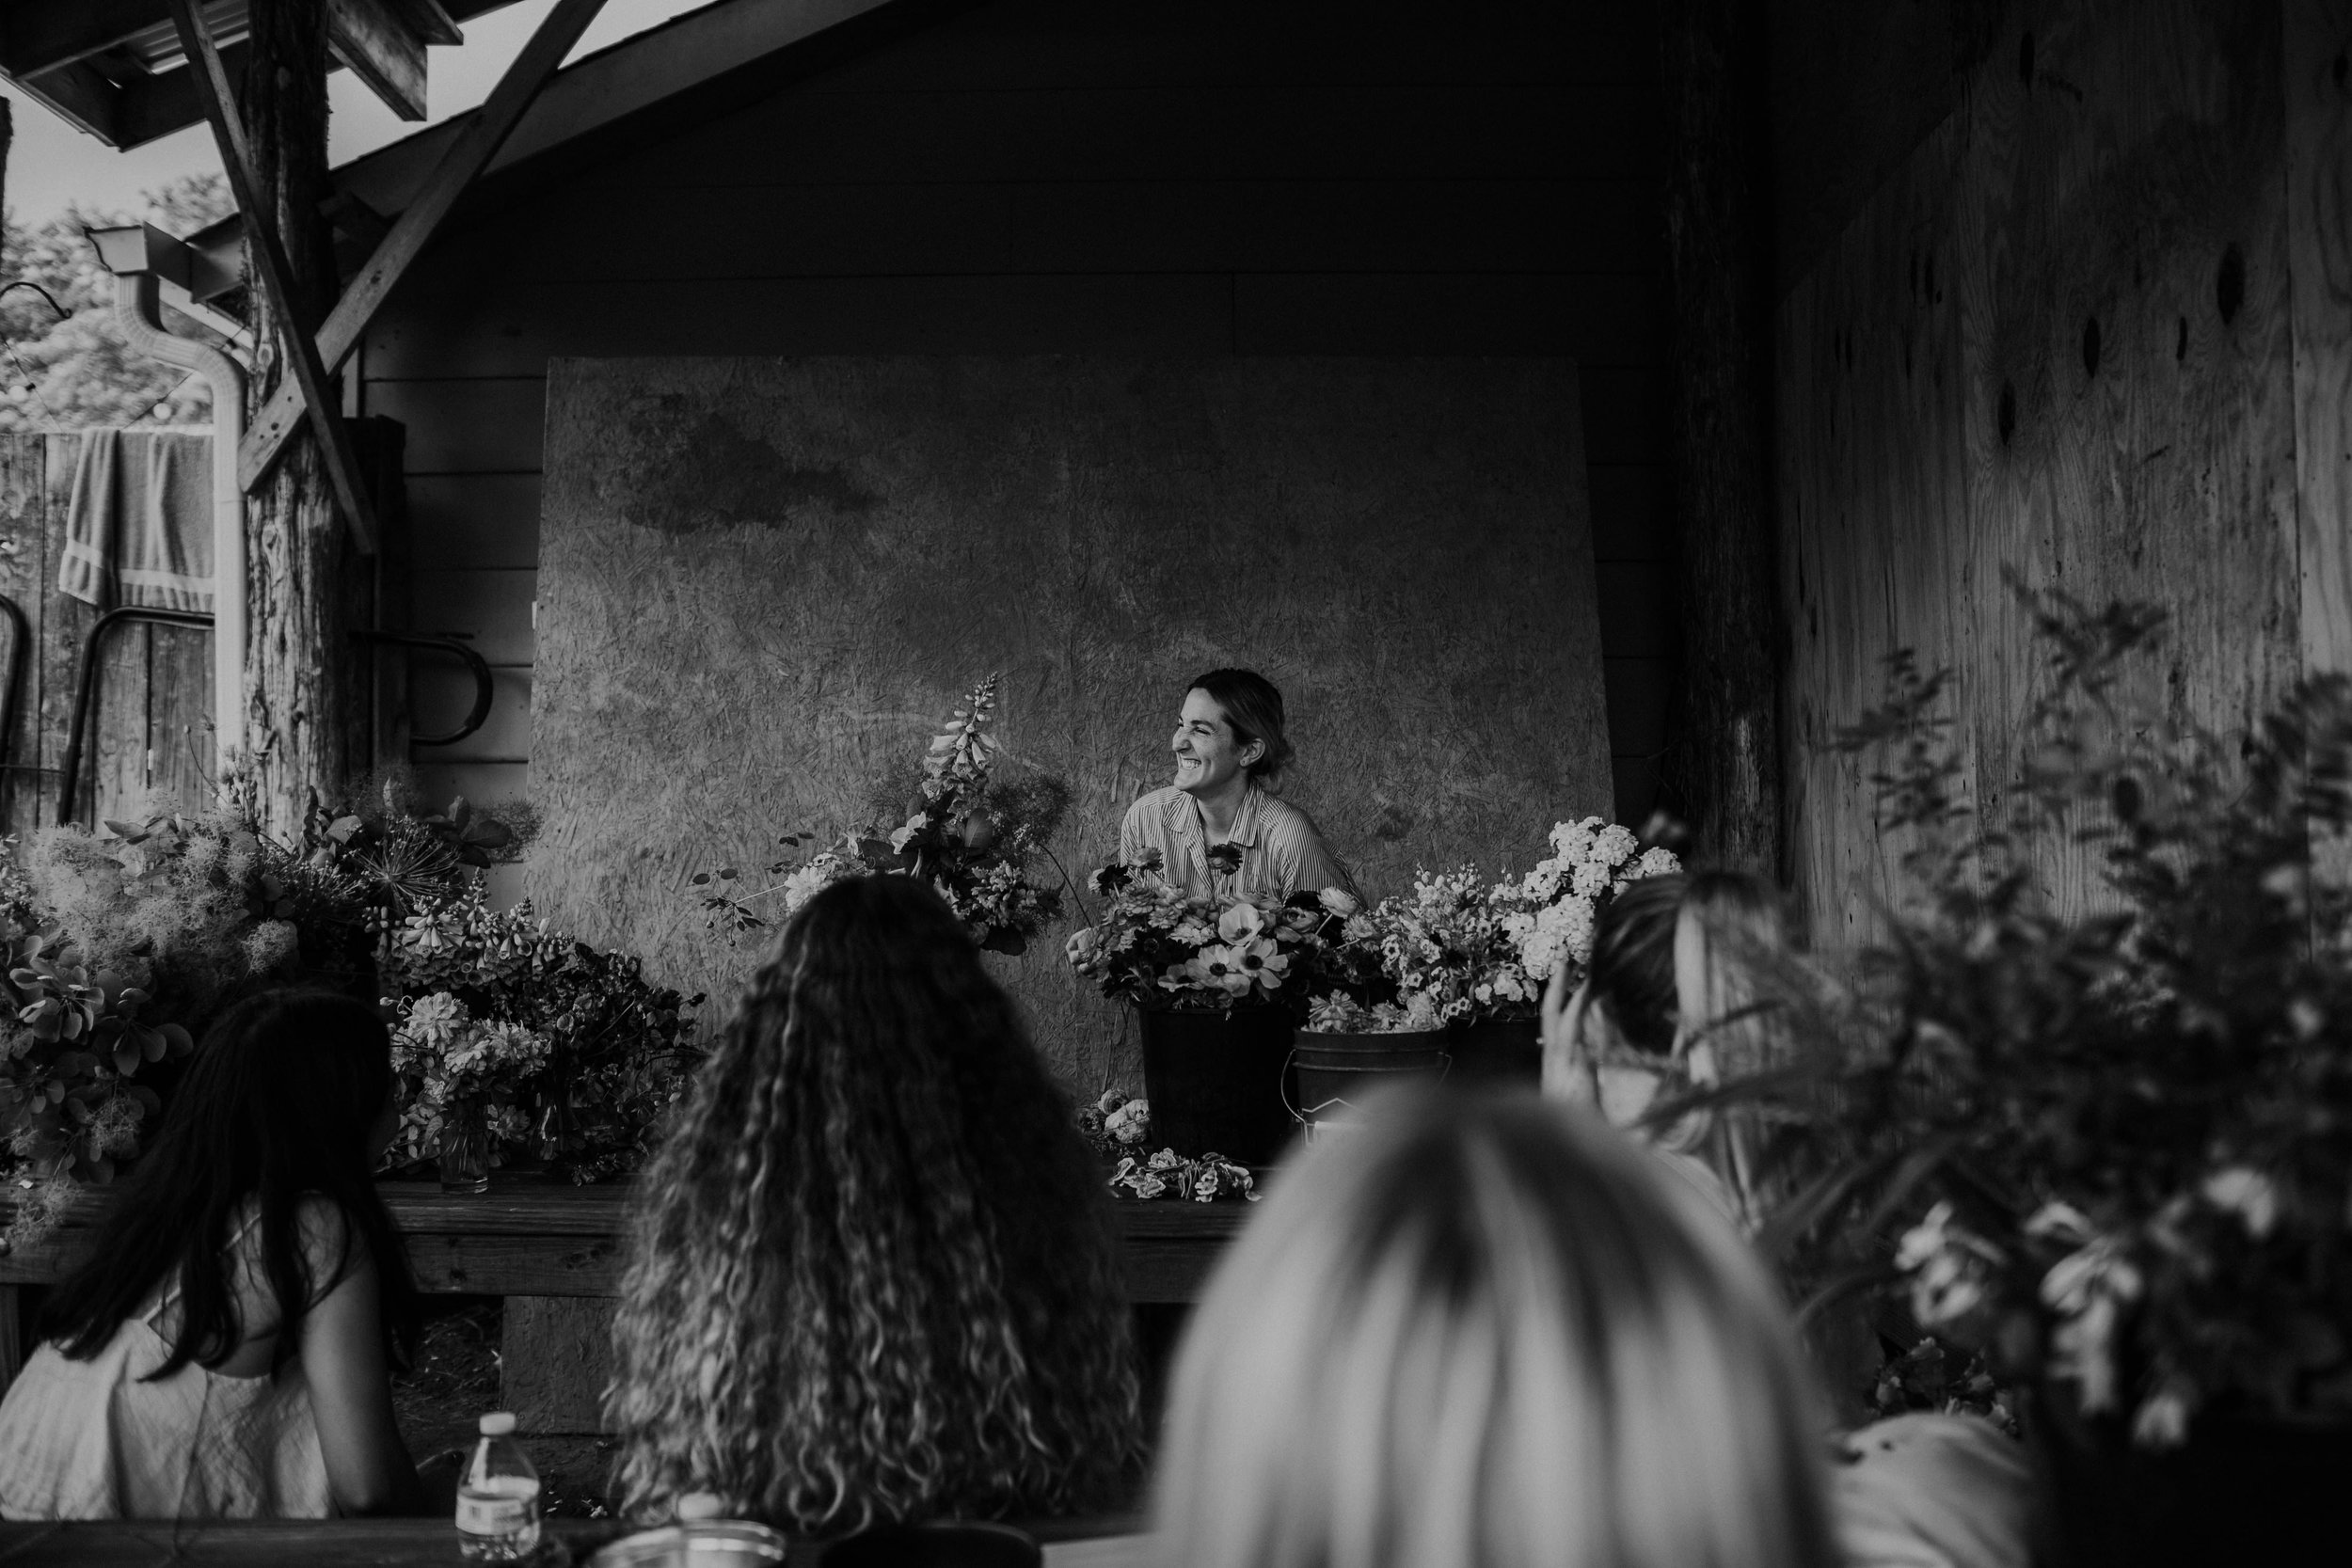 nashville floral workshop nashville tennessee wedding photographer55.jpg